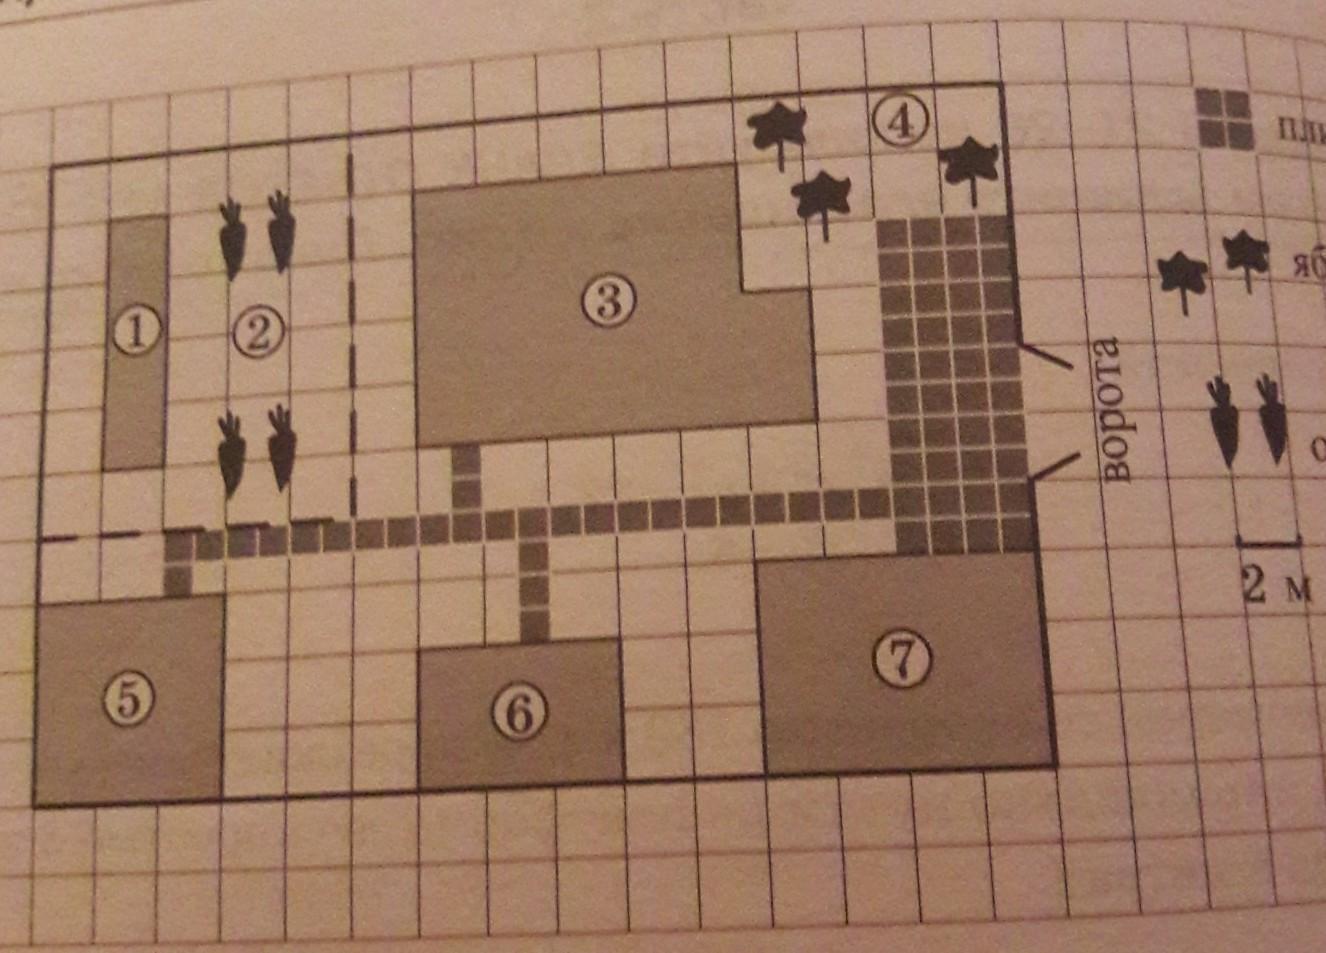 сколько процентов всего участка занимает баня